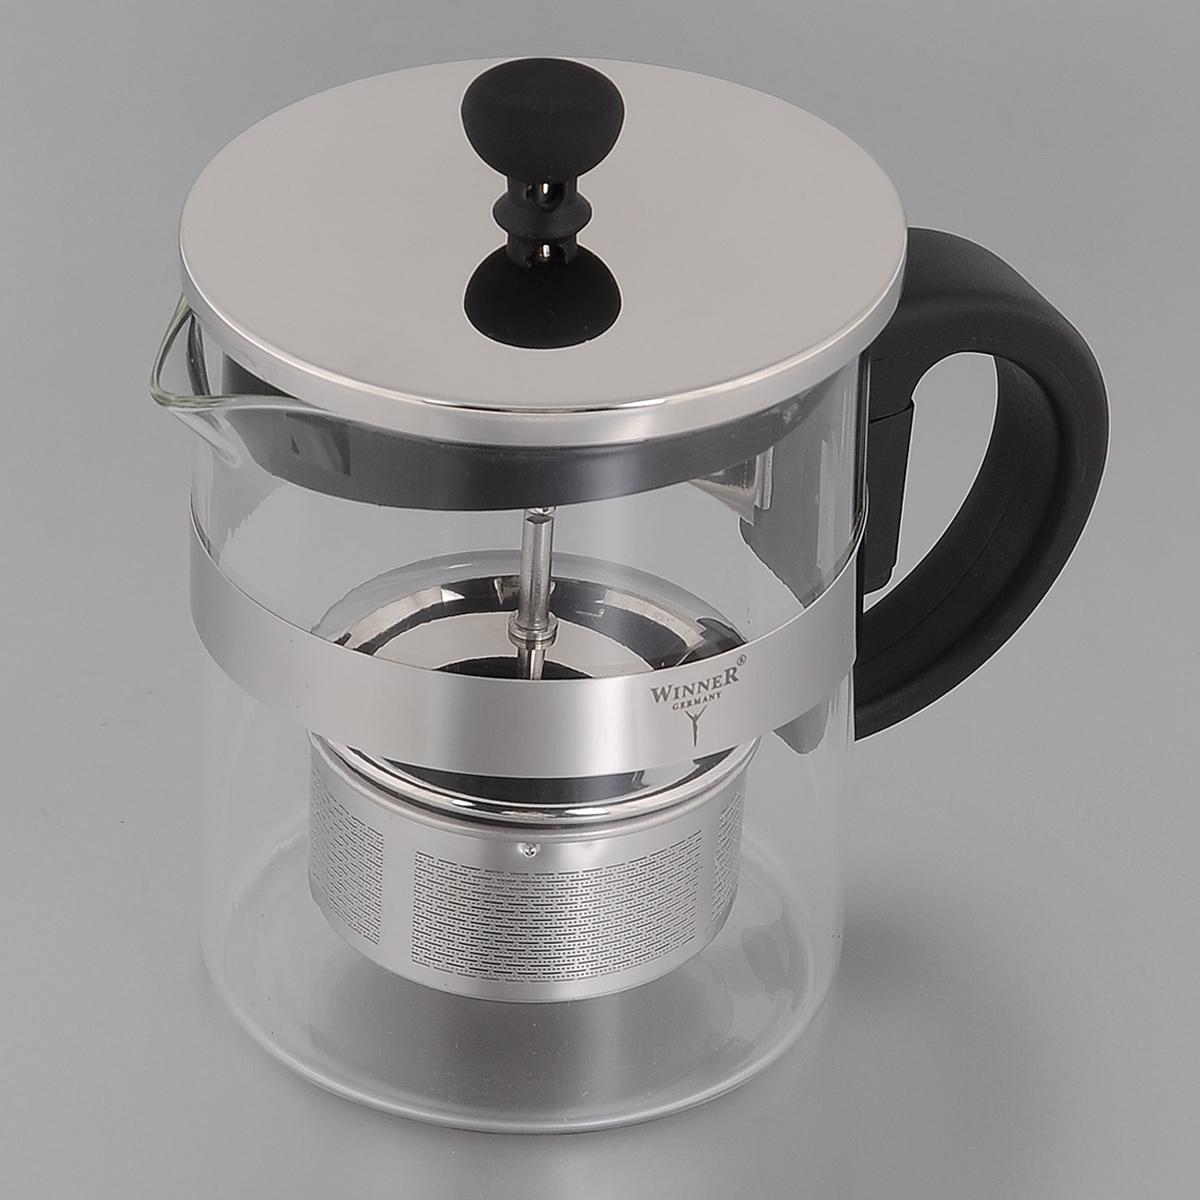 Френч-пресс Winner, 600 мл. WR-5221115510Френч-пресс Winner, изготовленный из термостойкого стекла с пластиковой ручкой, предоставит вам все необходимые возможности для успешного заваривания чая. Чай в таком чайнике дольше остается горячим, а полезные и ароматические вещества полностью сохраняются в напитке. Изделие оснащено фильтром, крышкой и удобным поршнем из нержавеющей стали, который поможет дозировать степень заварки напитка. Простой и удобный френч-пресс Winner поможет вам приготовить крепкий, ароматный чай.Нельзя мыть в посудомоечной машине. Не использовать в микроволновой печи.Диаметр френч-пресса (по верхнему краю): 9,5 см.Высота френч-пресса (без учета крышки): 12 см.Высота фильтра: 3,5 см.